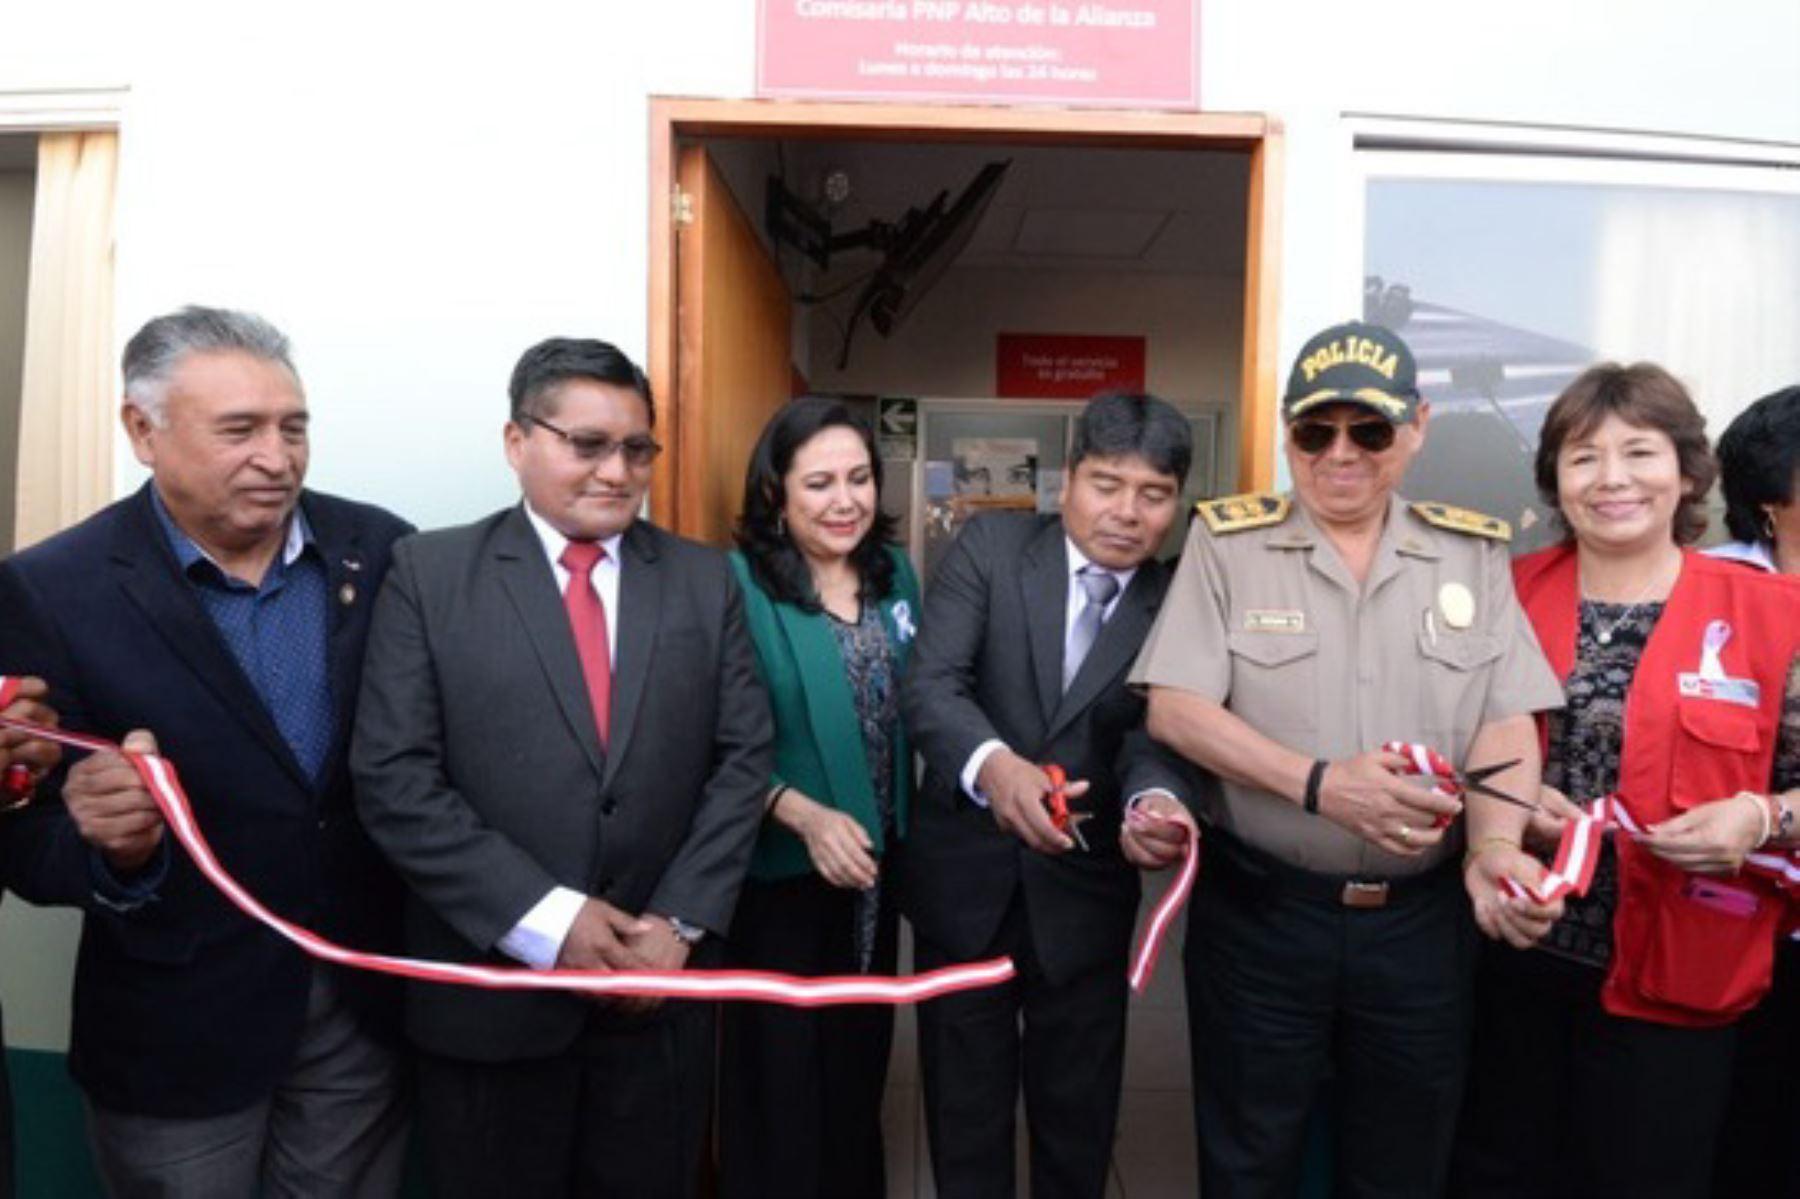 El Centro Emergencia Mujer (CEM) en la comisaría Alto de la Alianza (Tacna) atenderá a las víctimas de la violencia de género los 365 días del año.